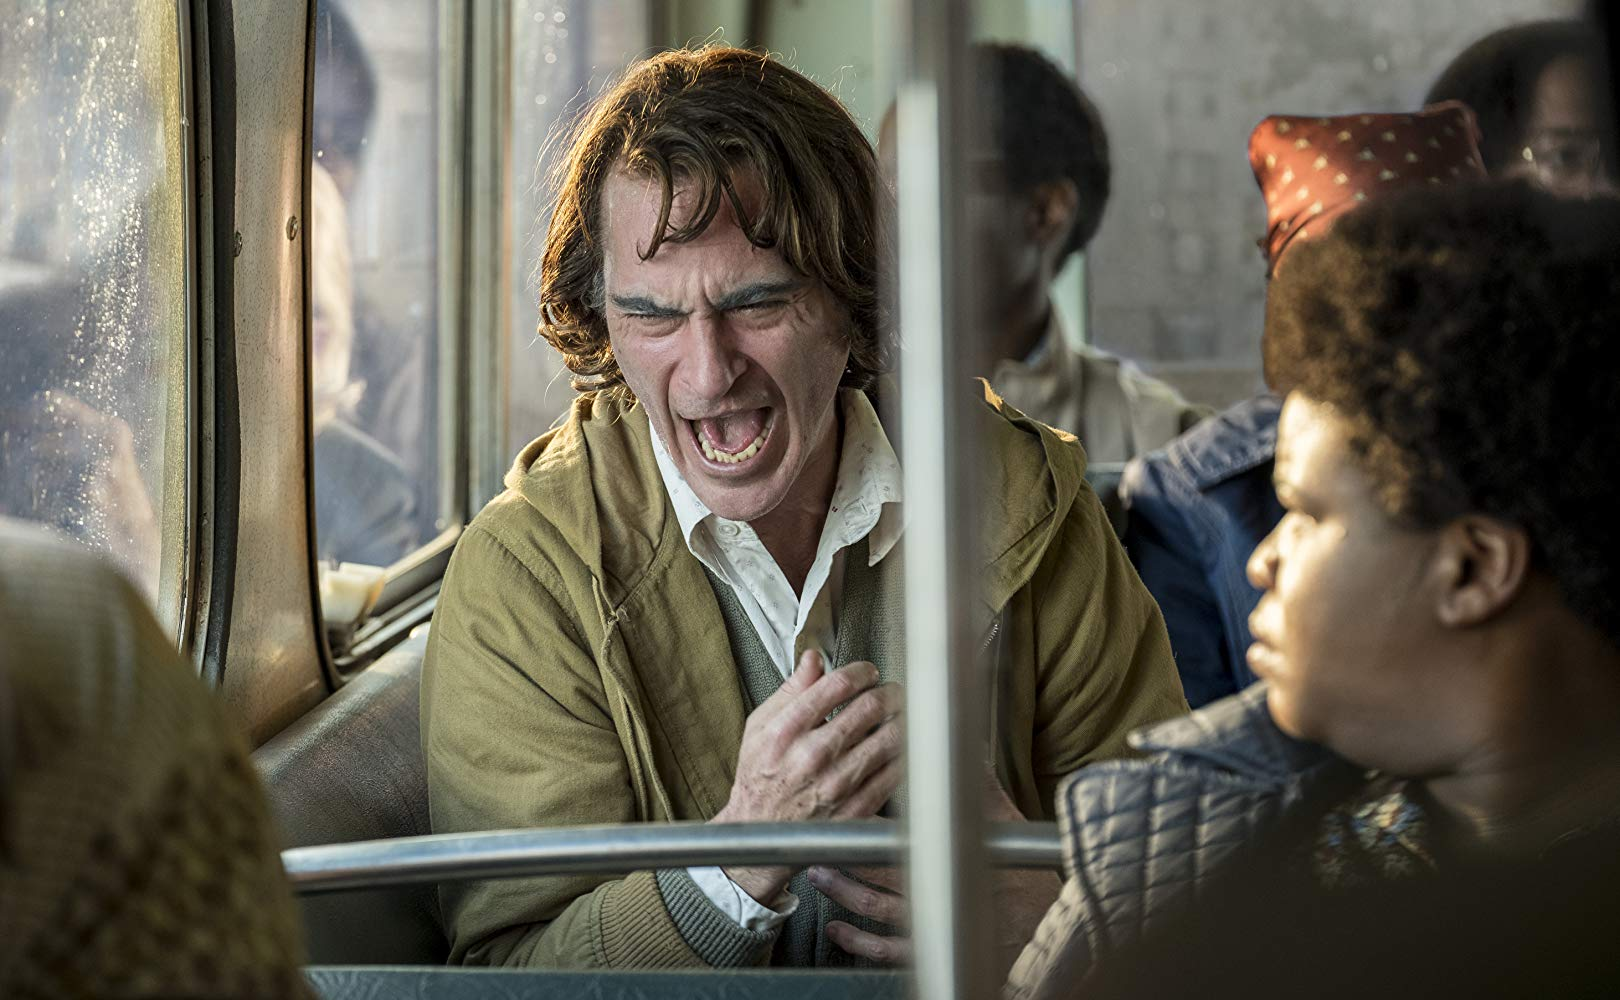 La enfermedad de la risa que padece Joaquin Phoenix en 'Joker' es ...